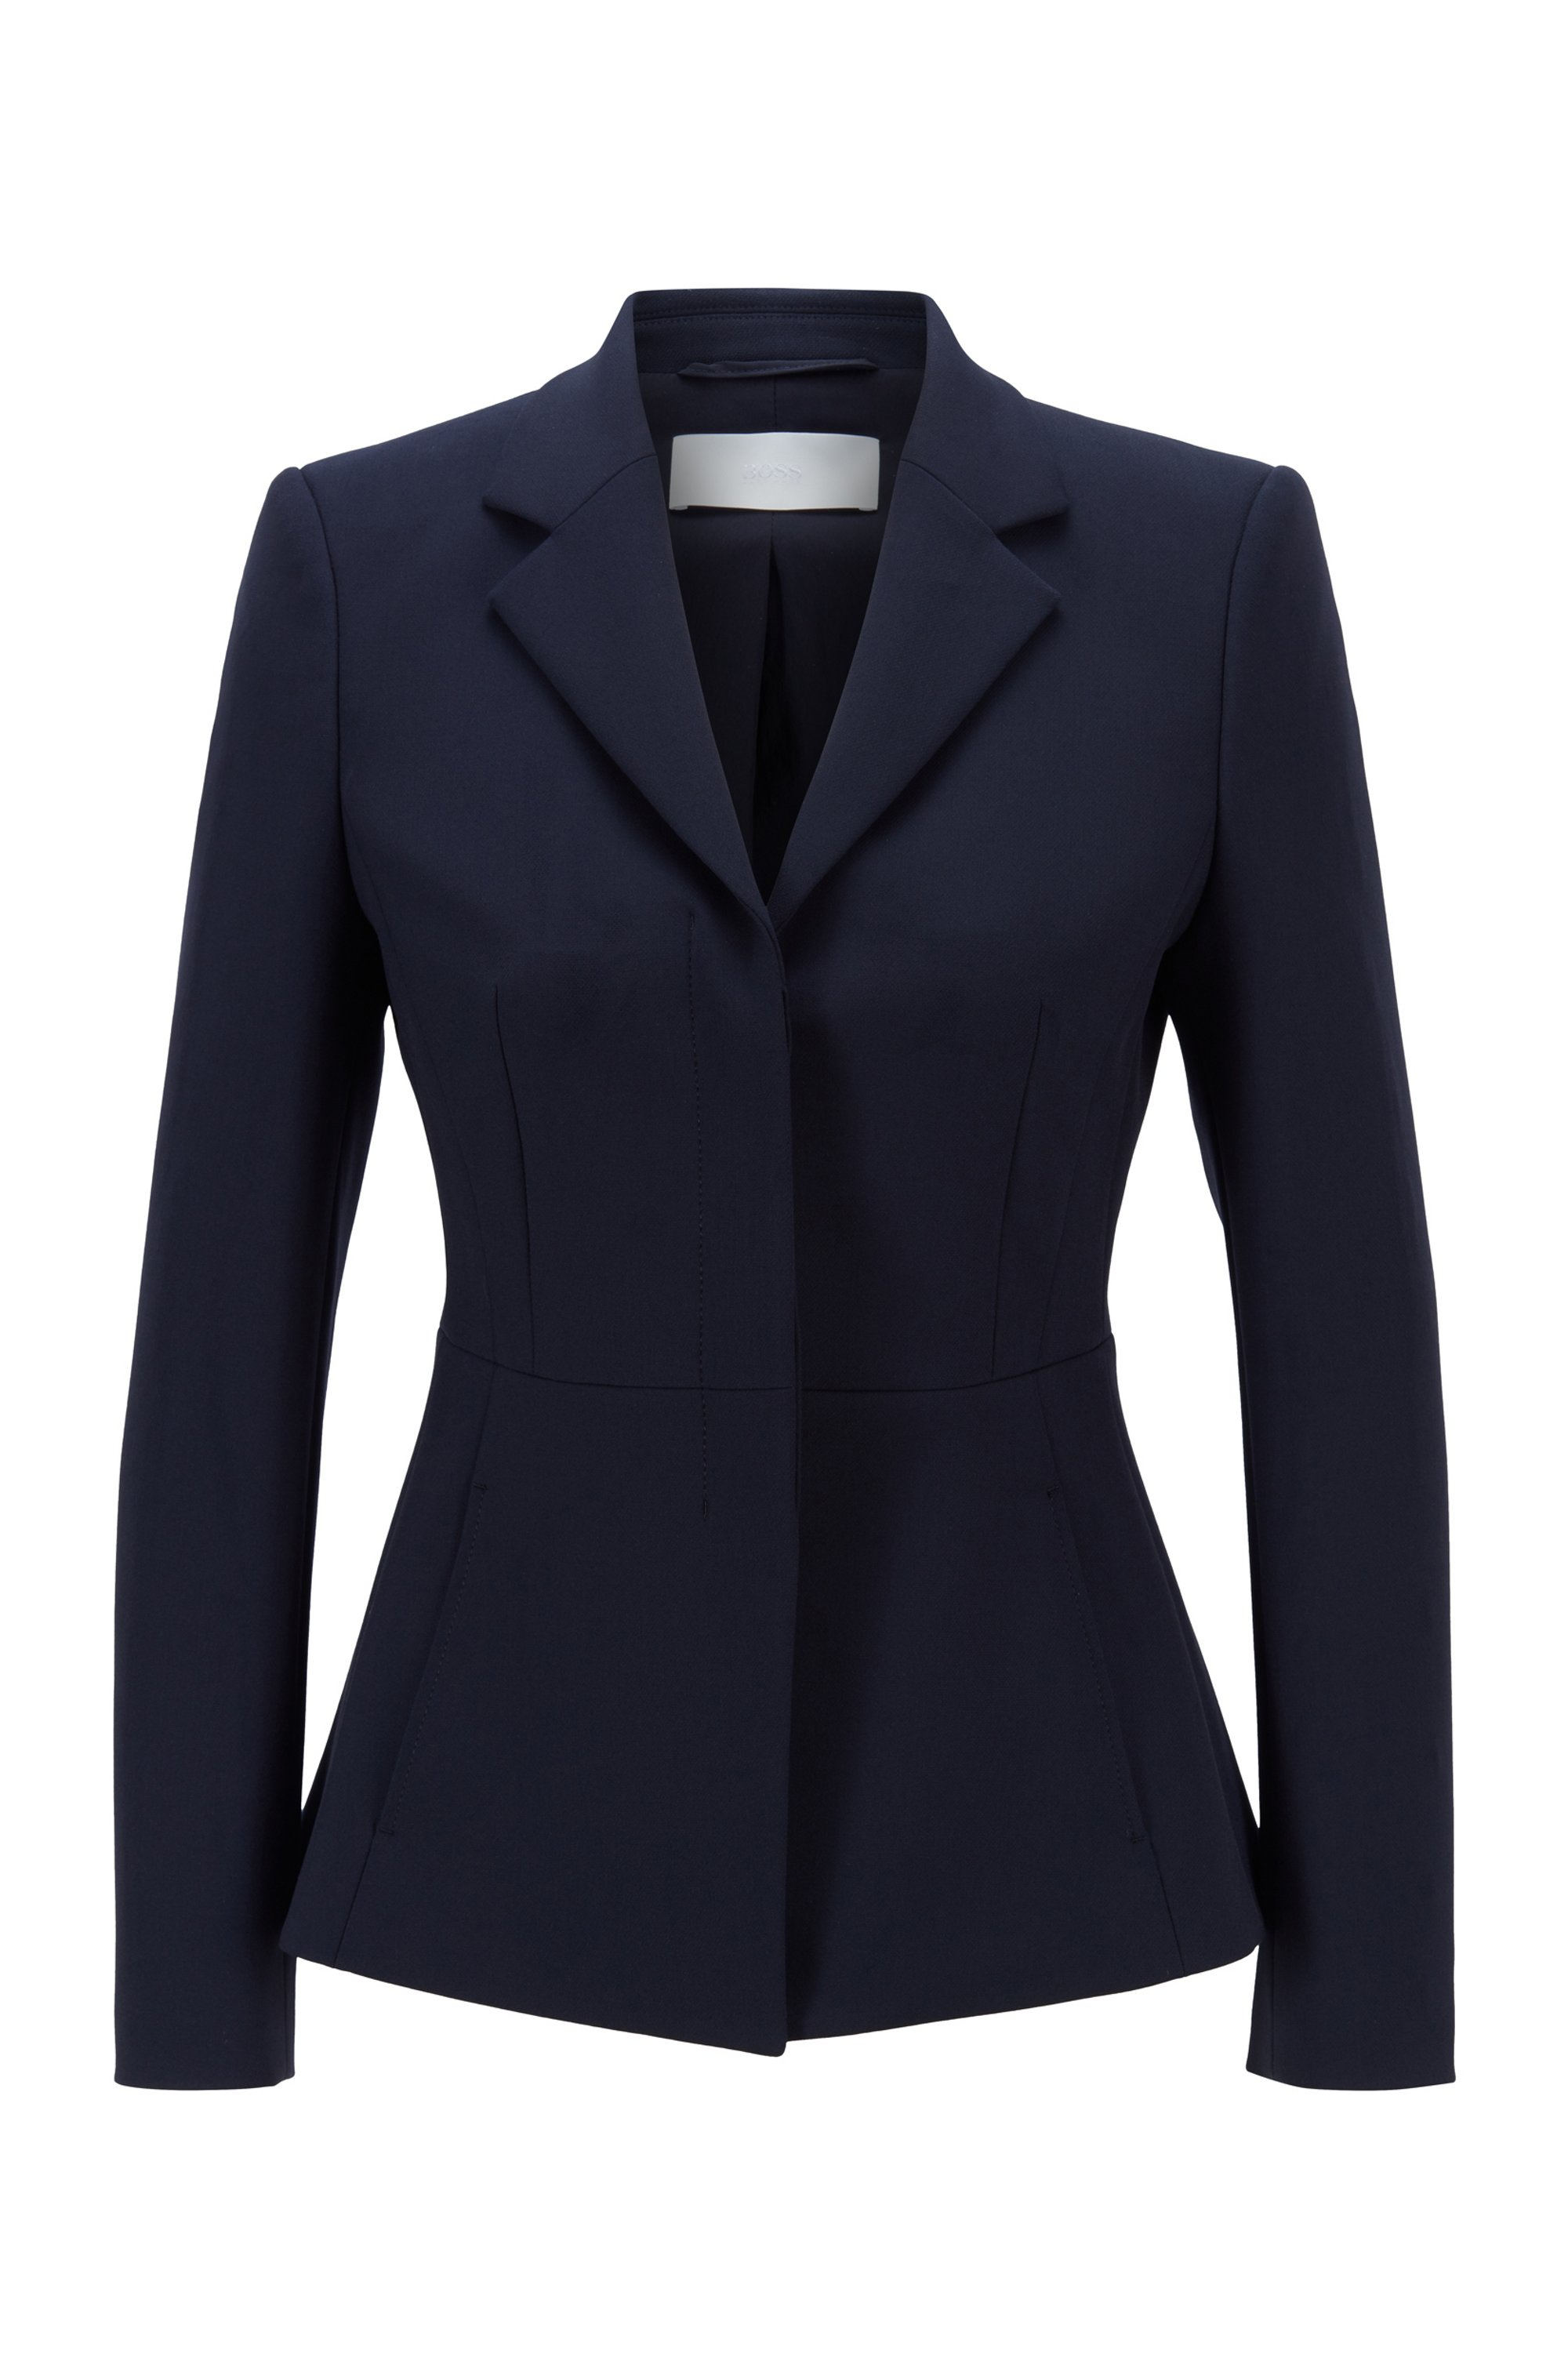 Veste Regular Fit avec fermeture dissimulée, Bleu foncé